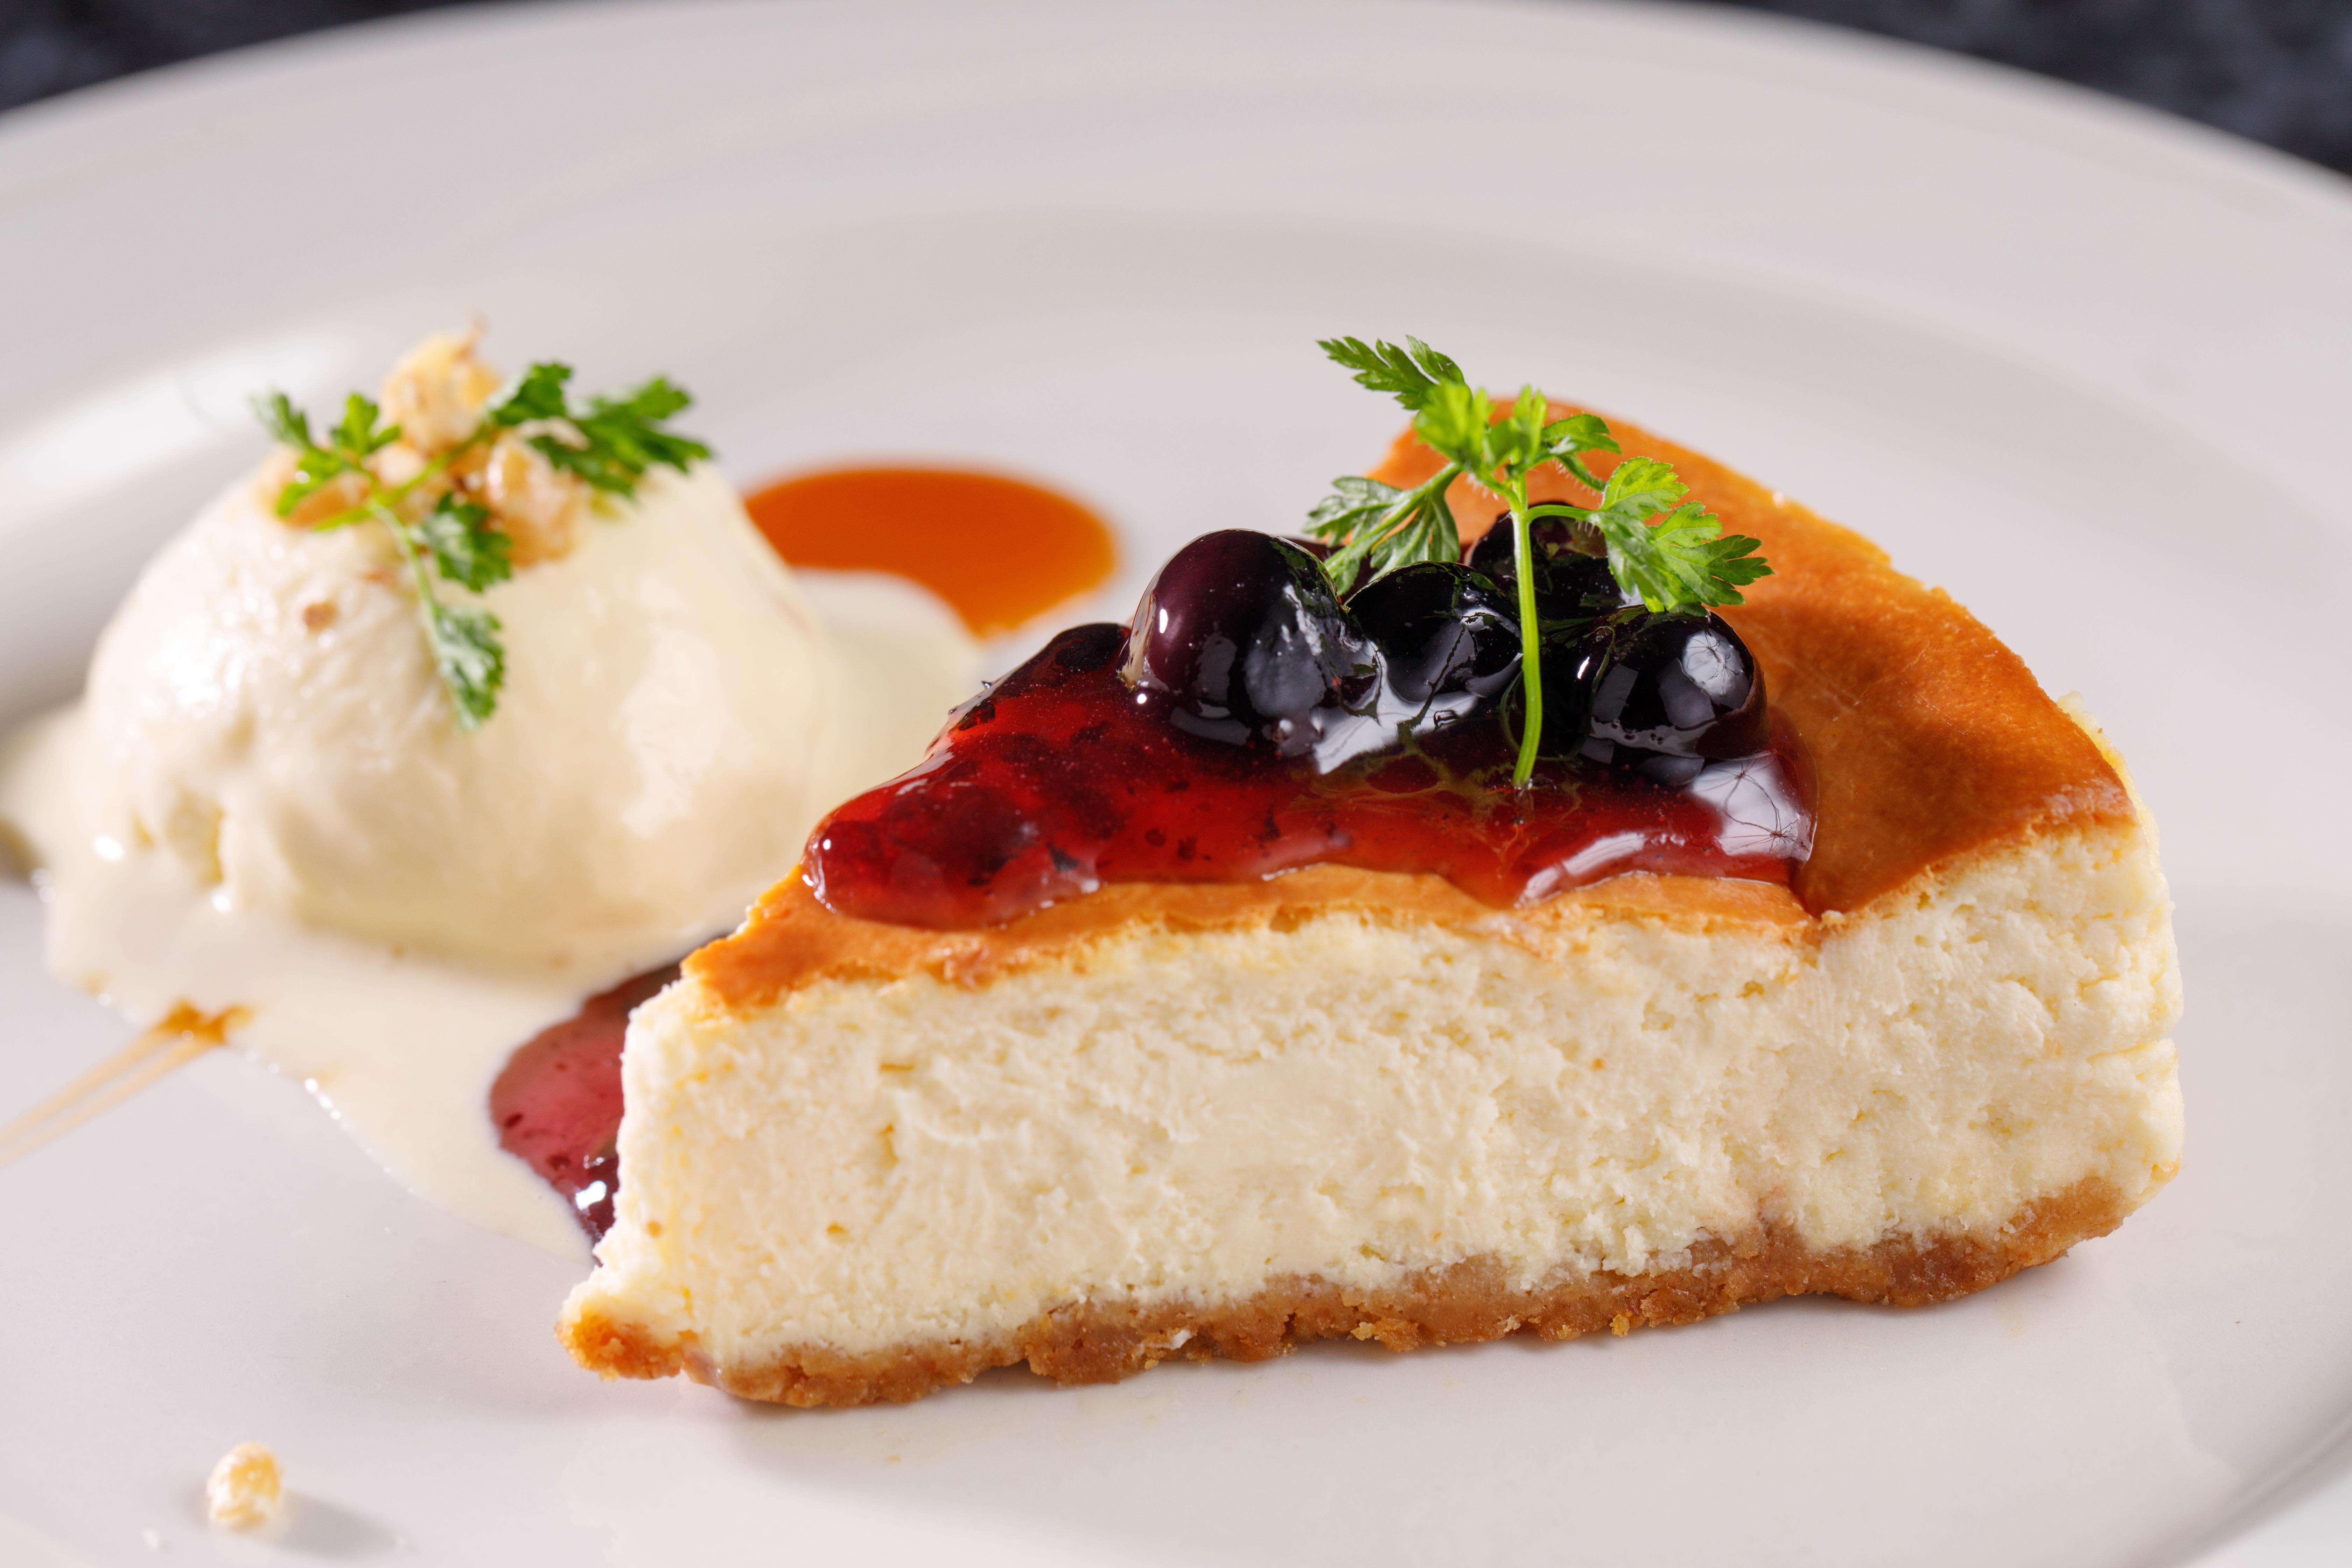 D- 經典檸檬起司蛋糕佐藍莓果醬